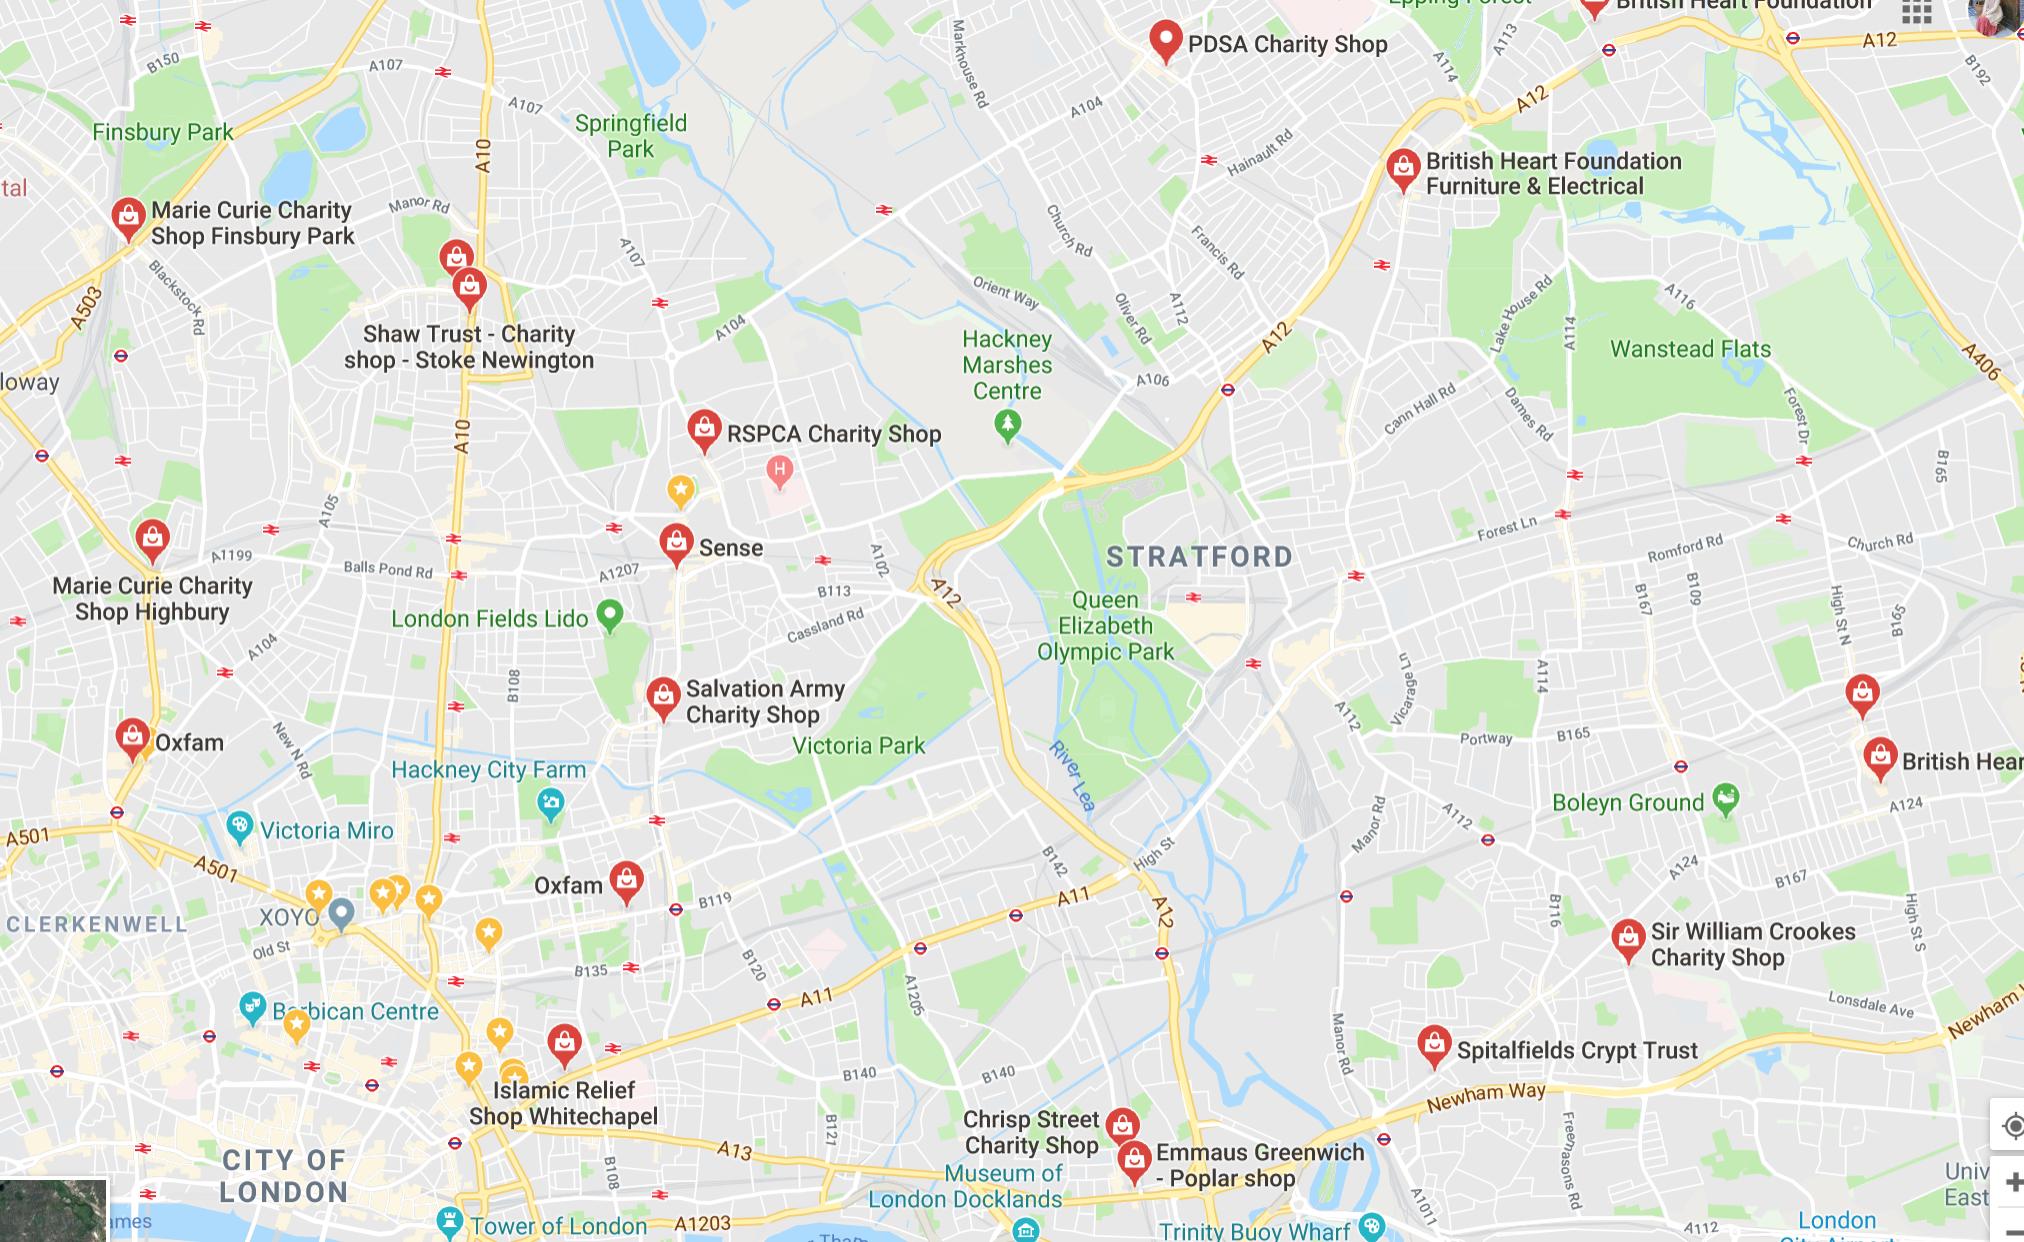 Best Charity Shops in London